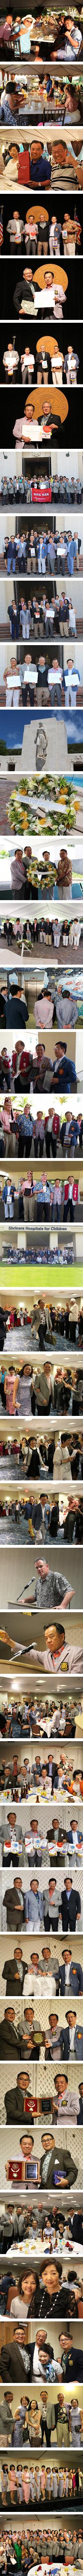 パールハーバーRC姉妹クラブ締結15周年記念訪問